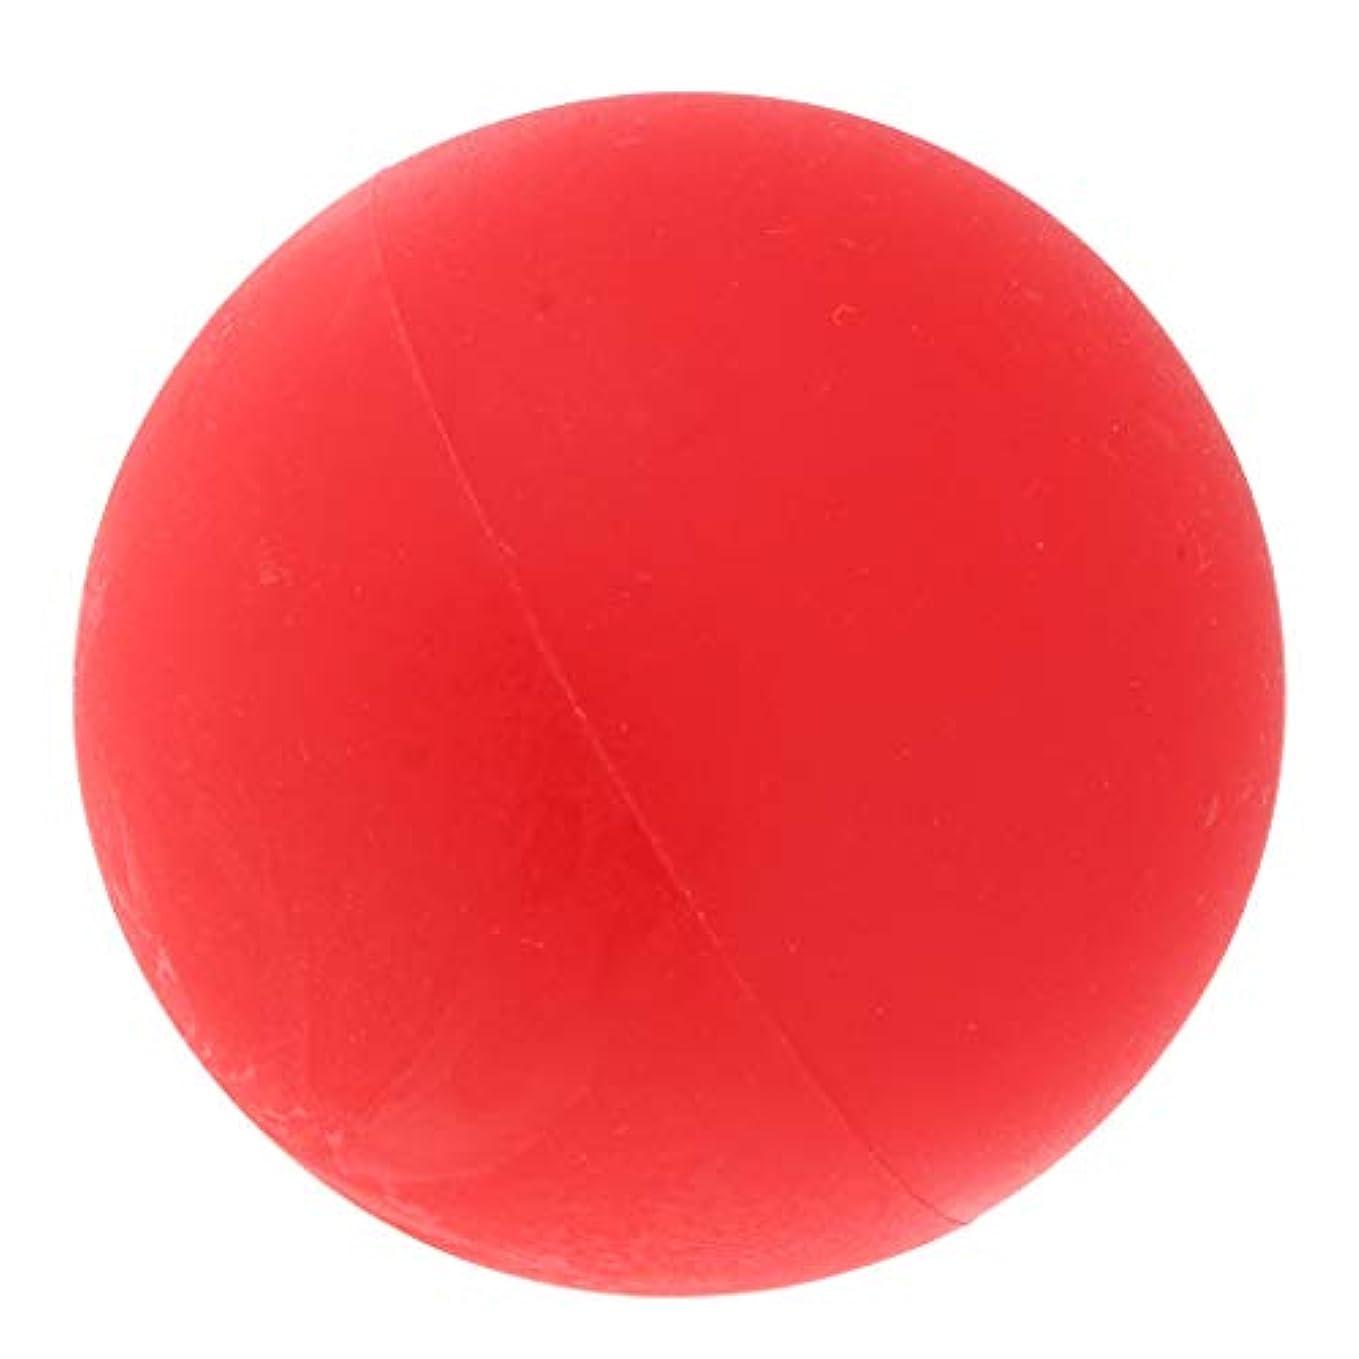 多年生ほめるモールマッサージボール ヨガボール トリガーポイント 筋膜リリース 緊張緩和 健康グッズ 全4色 - 赤